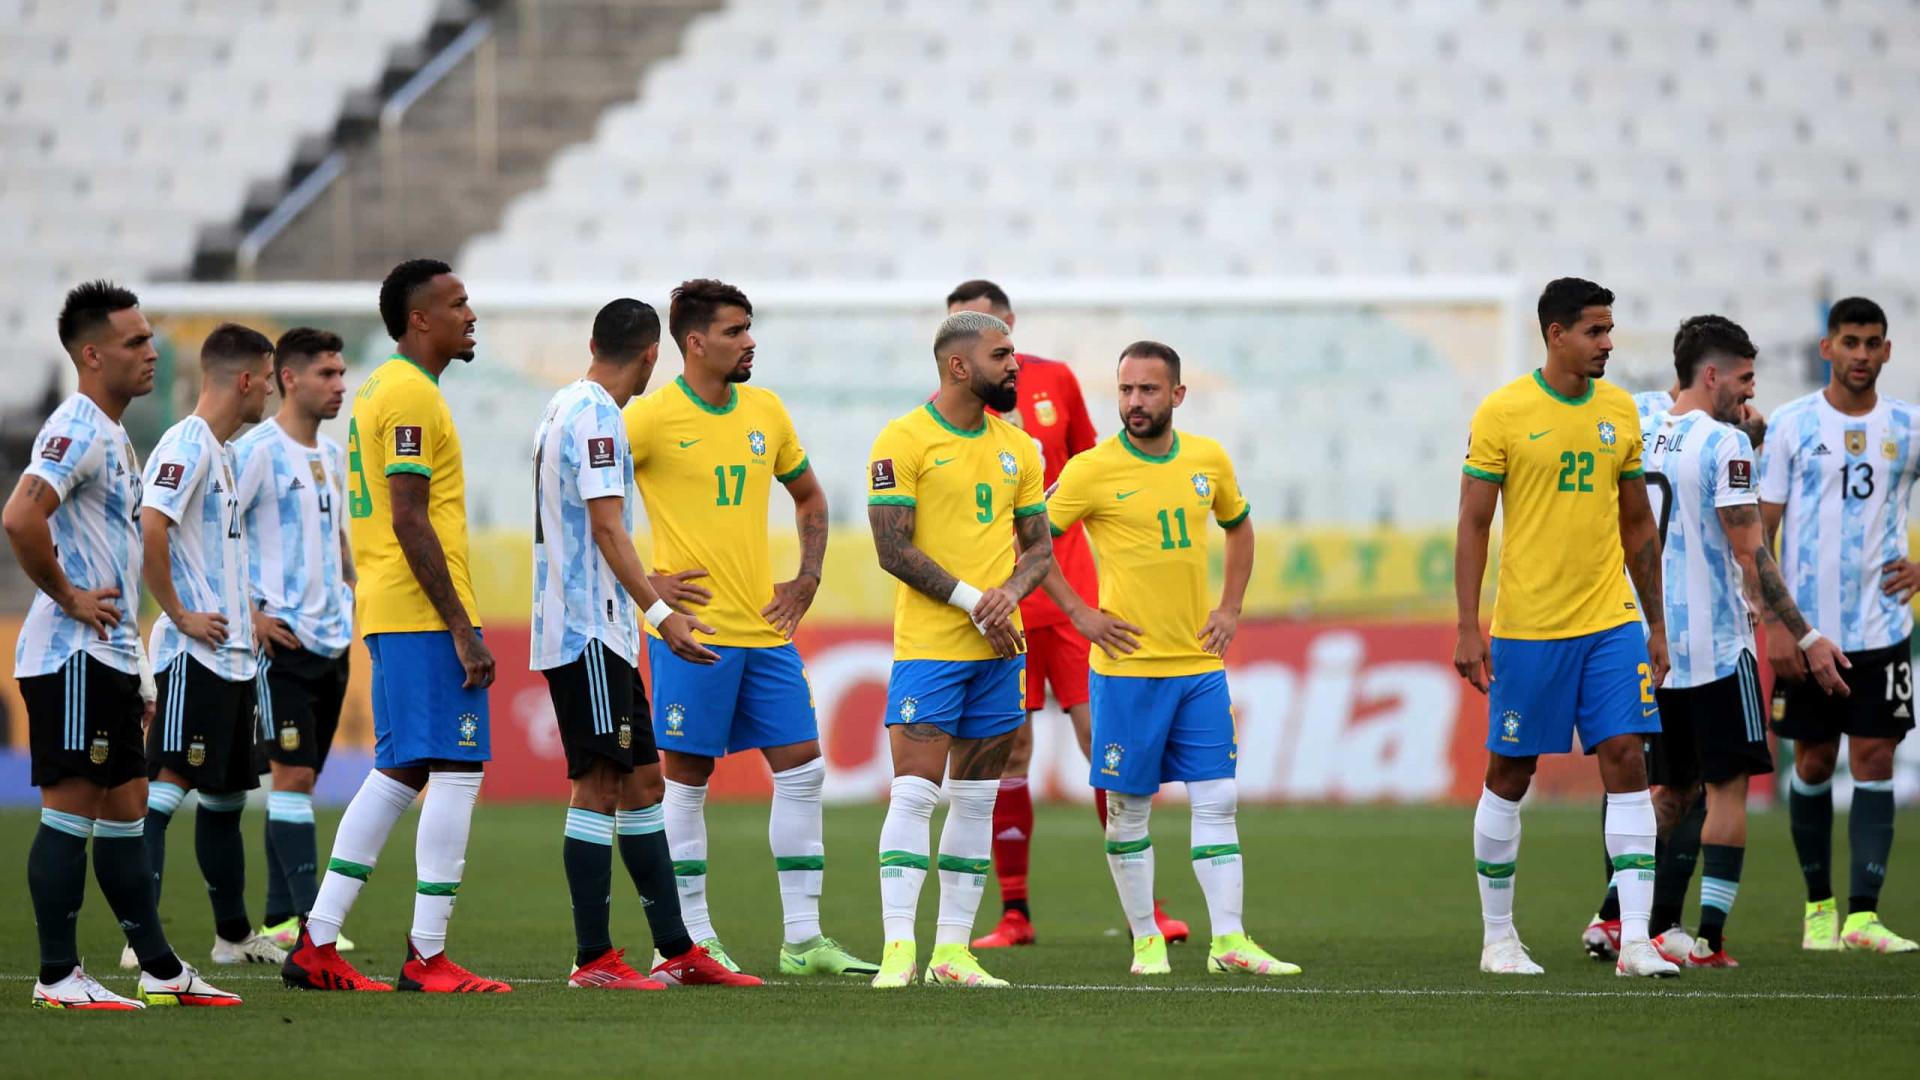 Agentes da Anvisa entram em campo, e Brasil x Argentina é suspenso